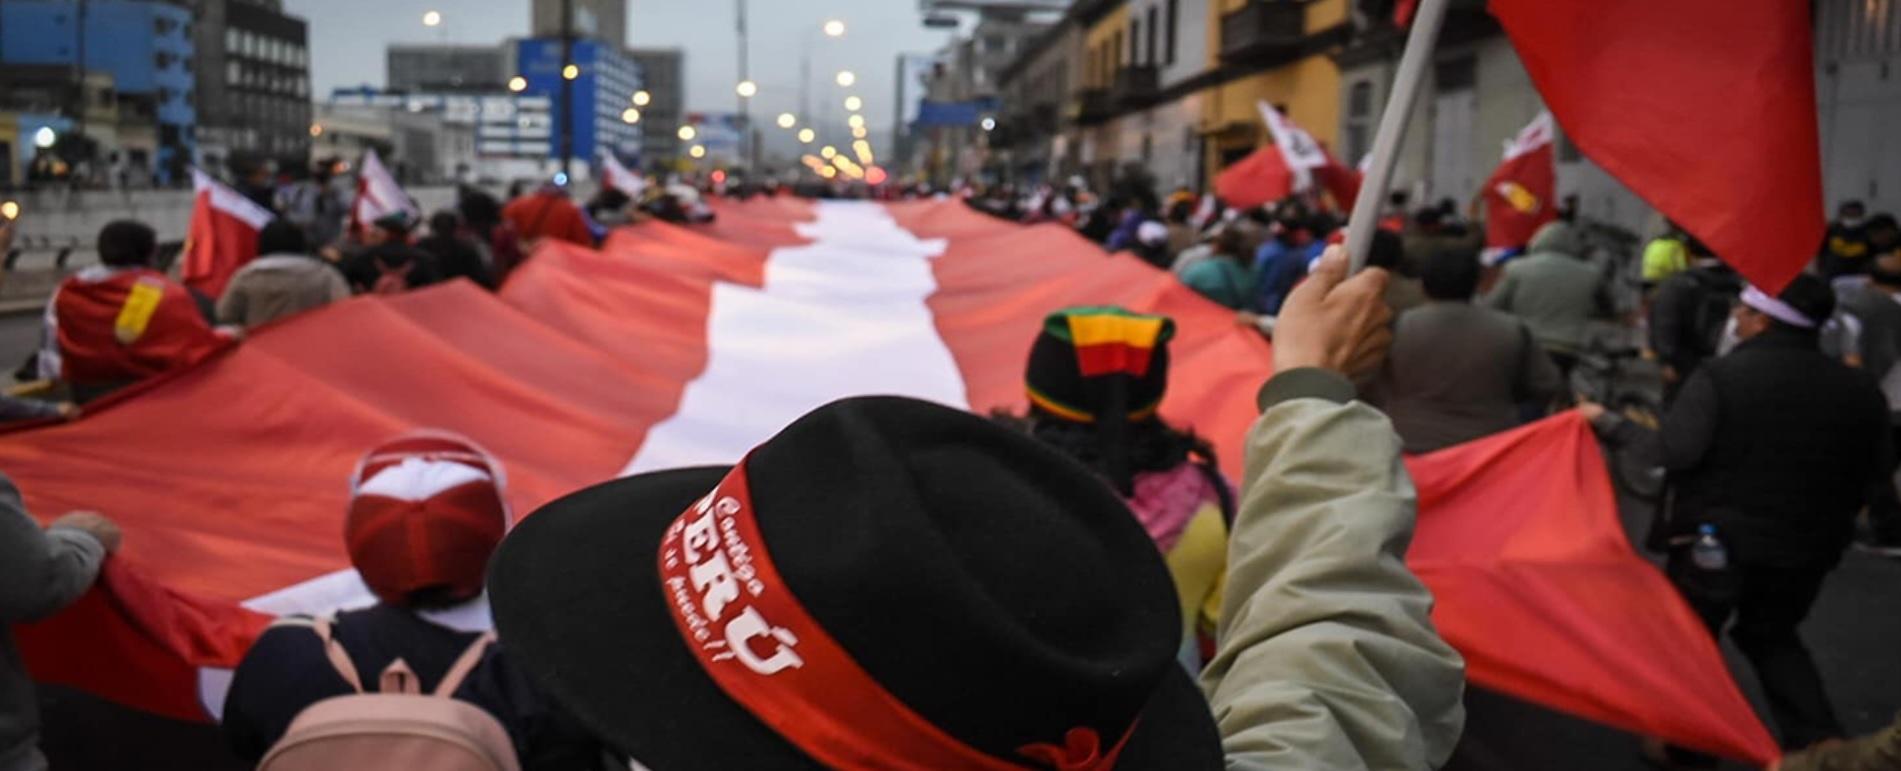 Peru: feministas exigem respeito à vontade dos eleitores